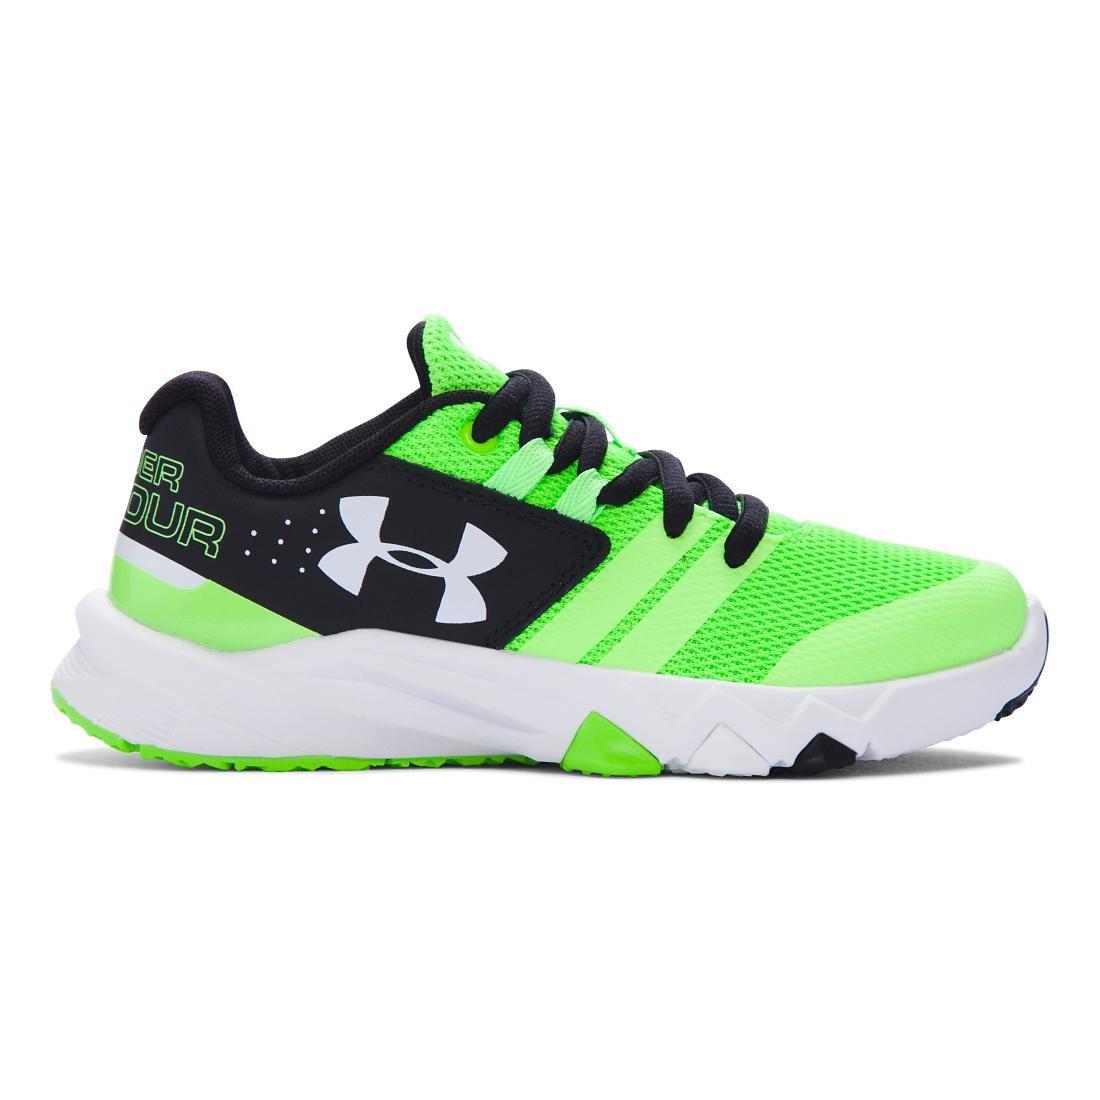 Under Armour Kids' Boy's Pre School Primed Running Shoe, Graphite/Anthem Red/Steel Under Armour Kids Footwear 1273994